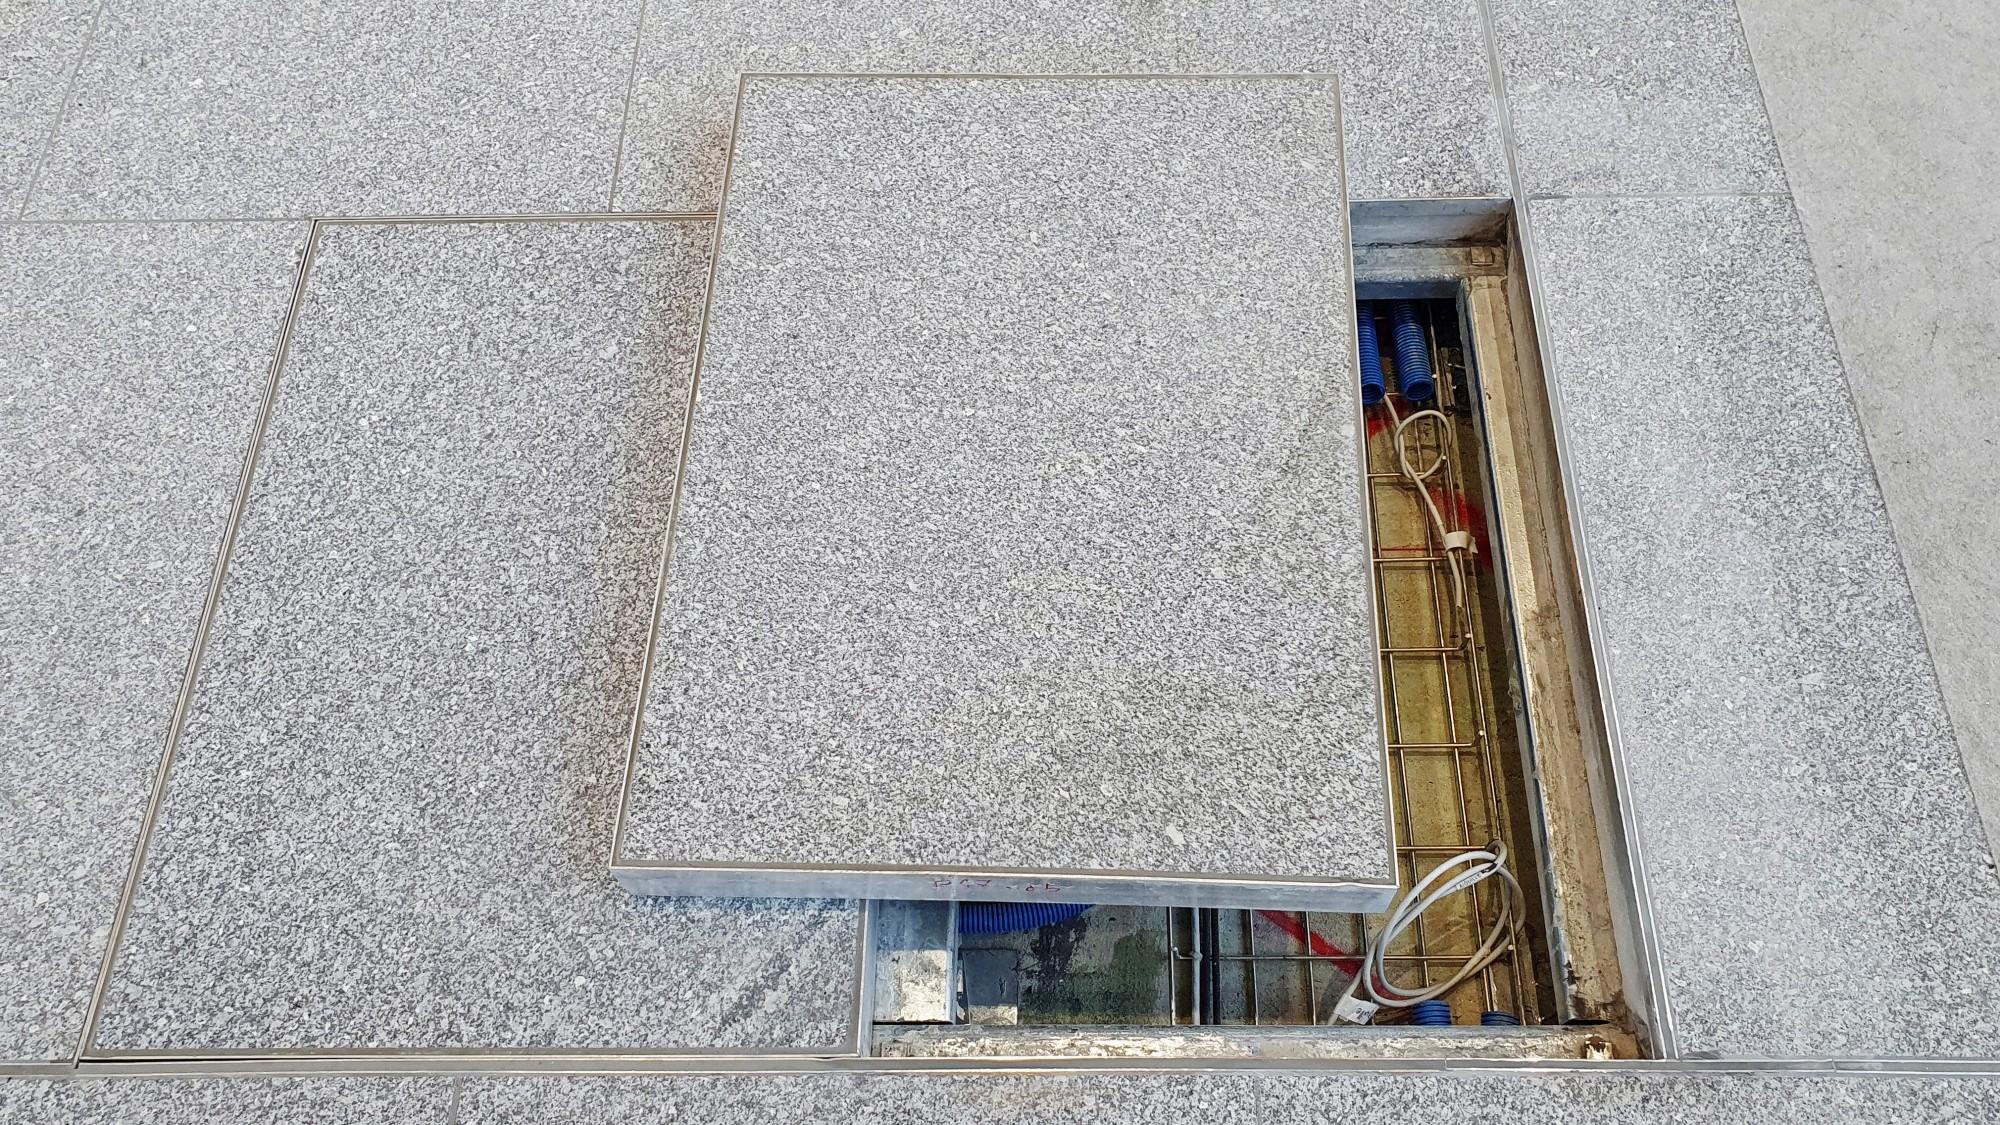 Tous les sols de l'Aile Est, quelque 20'000 m2, sont recouverts de granit et cachent un plancher technique qui doit résister à de fortes sollicitations. Afin de garantir un collage parfait des dalles sur le plancher technique, les spécialistes de Cermix o